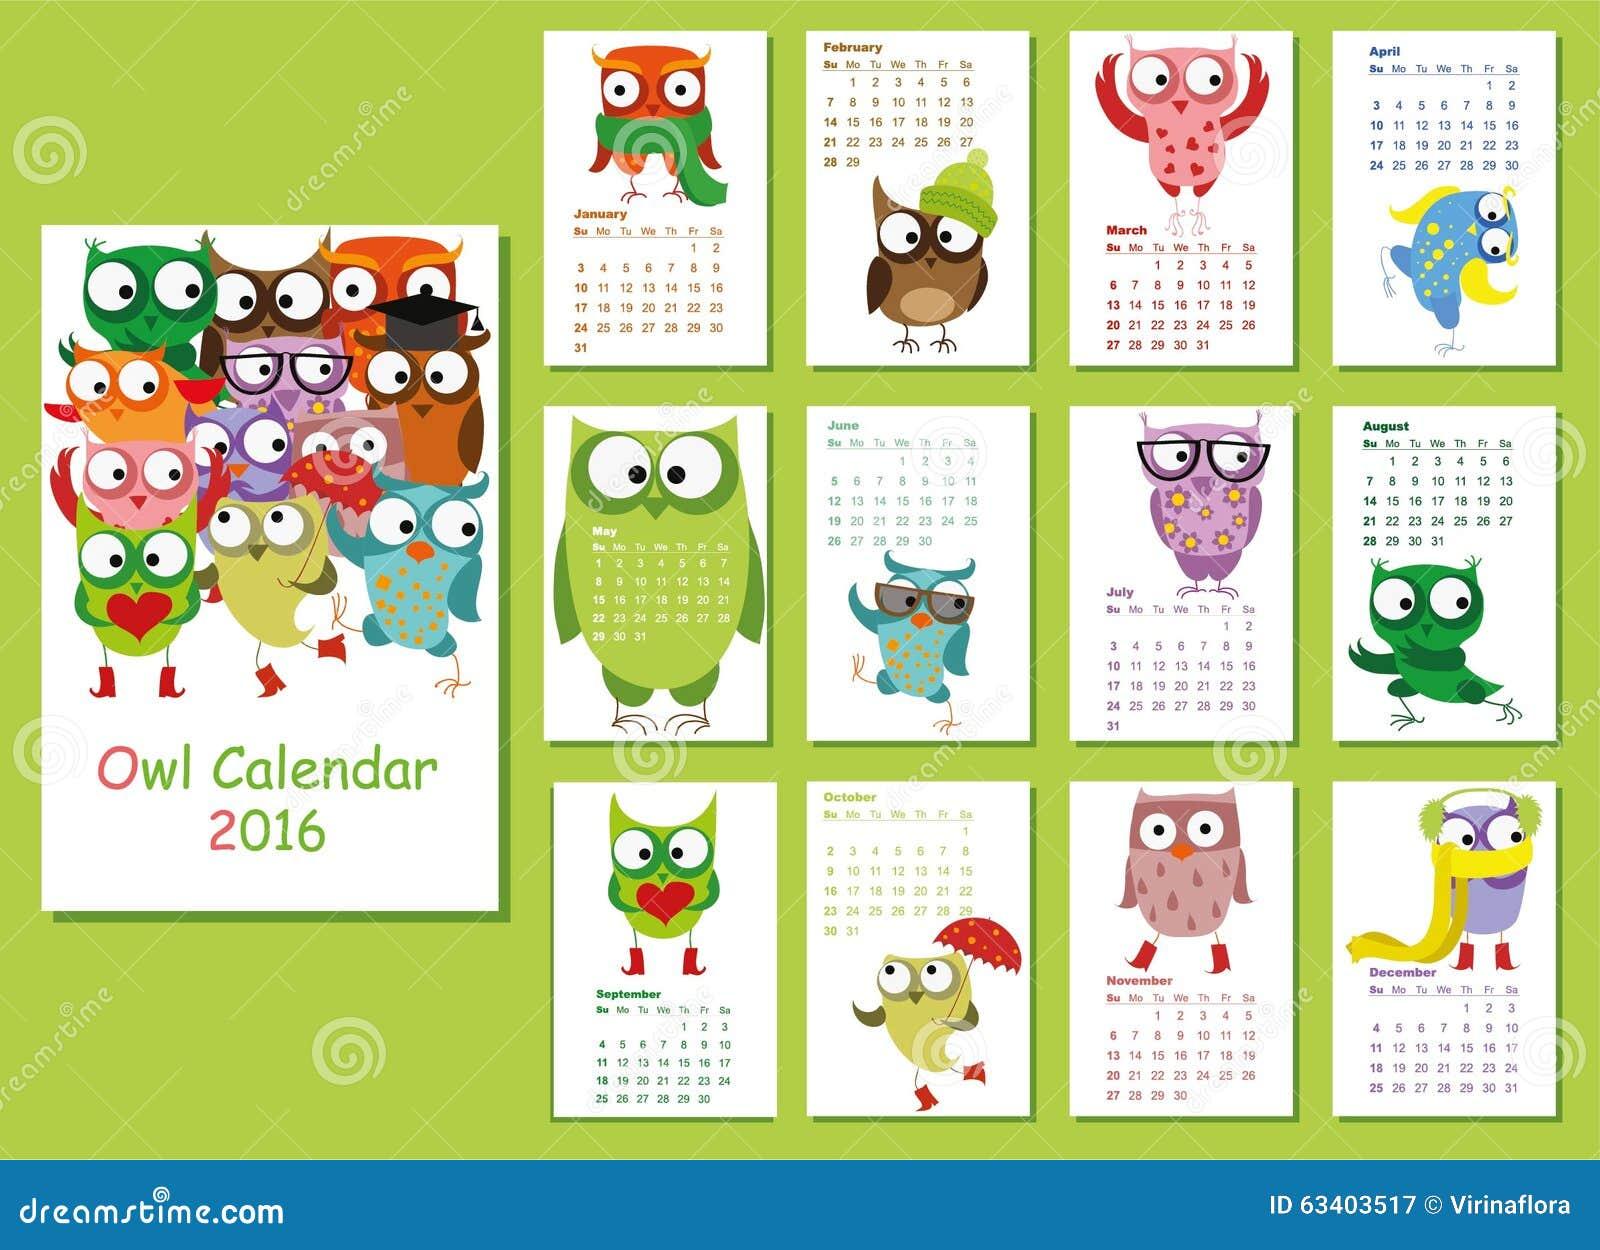 Kalender 2016 Nette Eulen Für Jeden Monat Vektor Abbildung ...